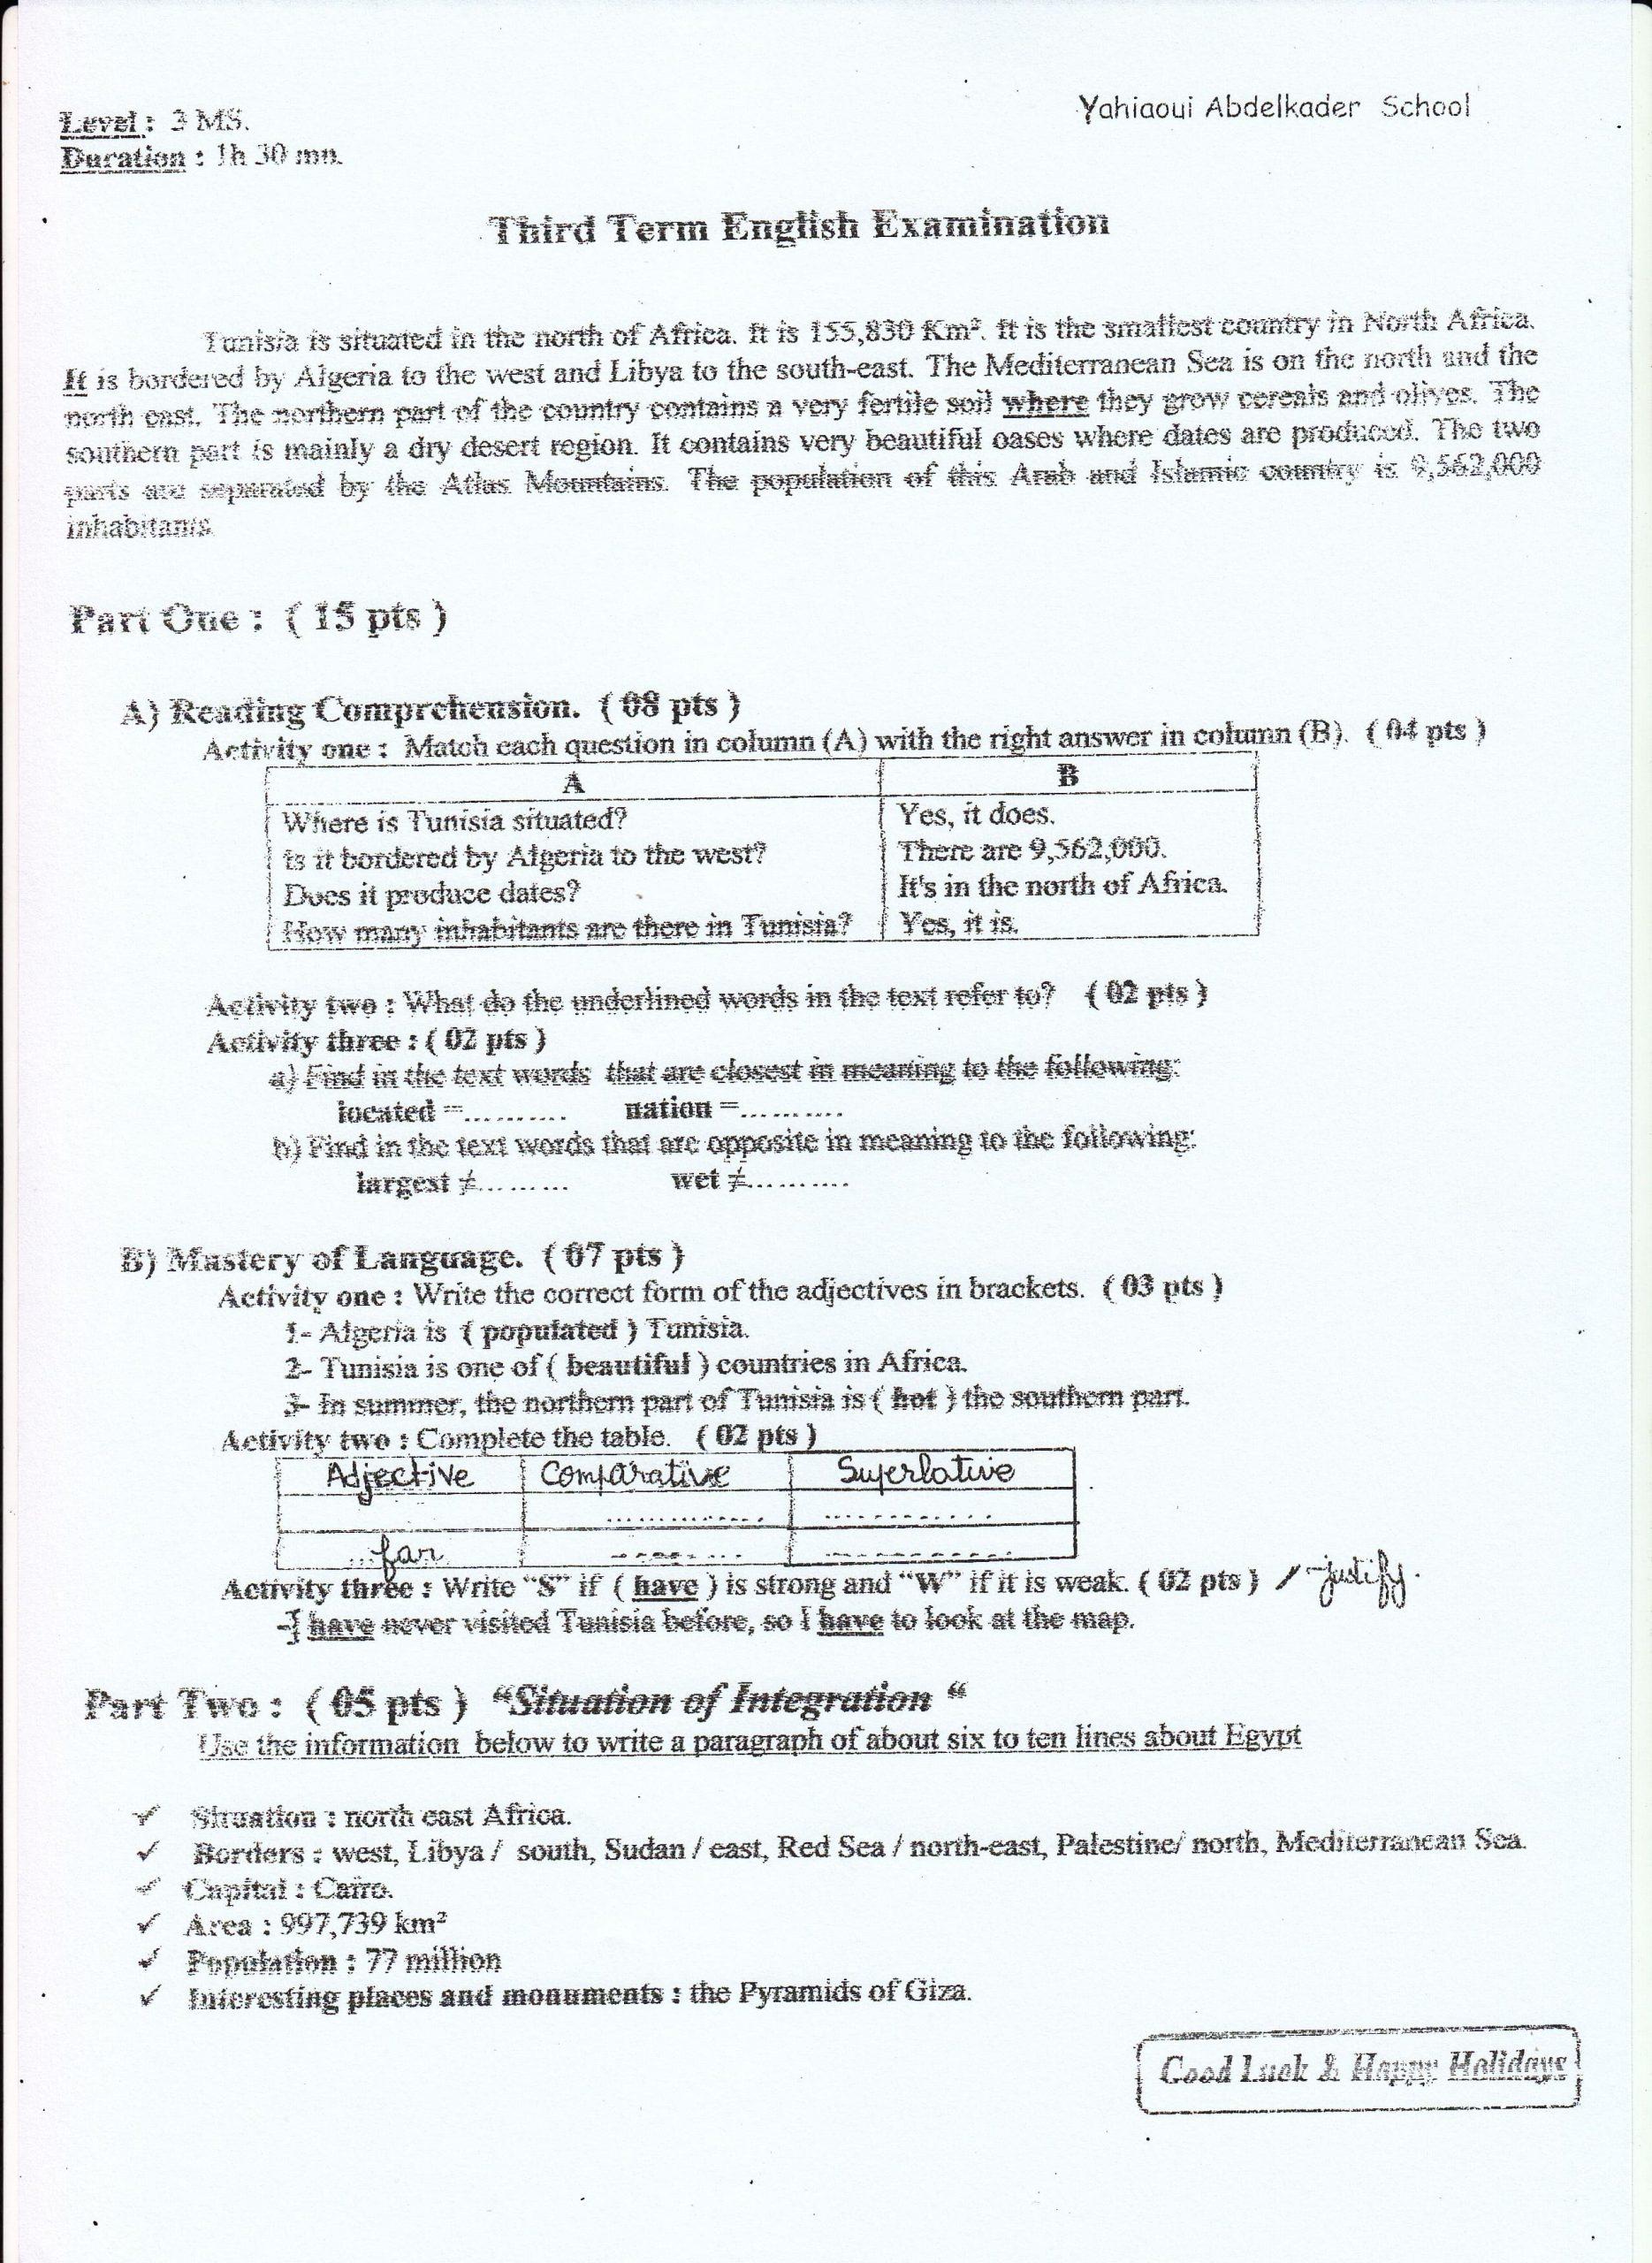 اختبار الفصل الثالث في اللغة الانجليزية السنة الثالثة متوسط   الموضوع 01